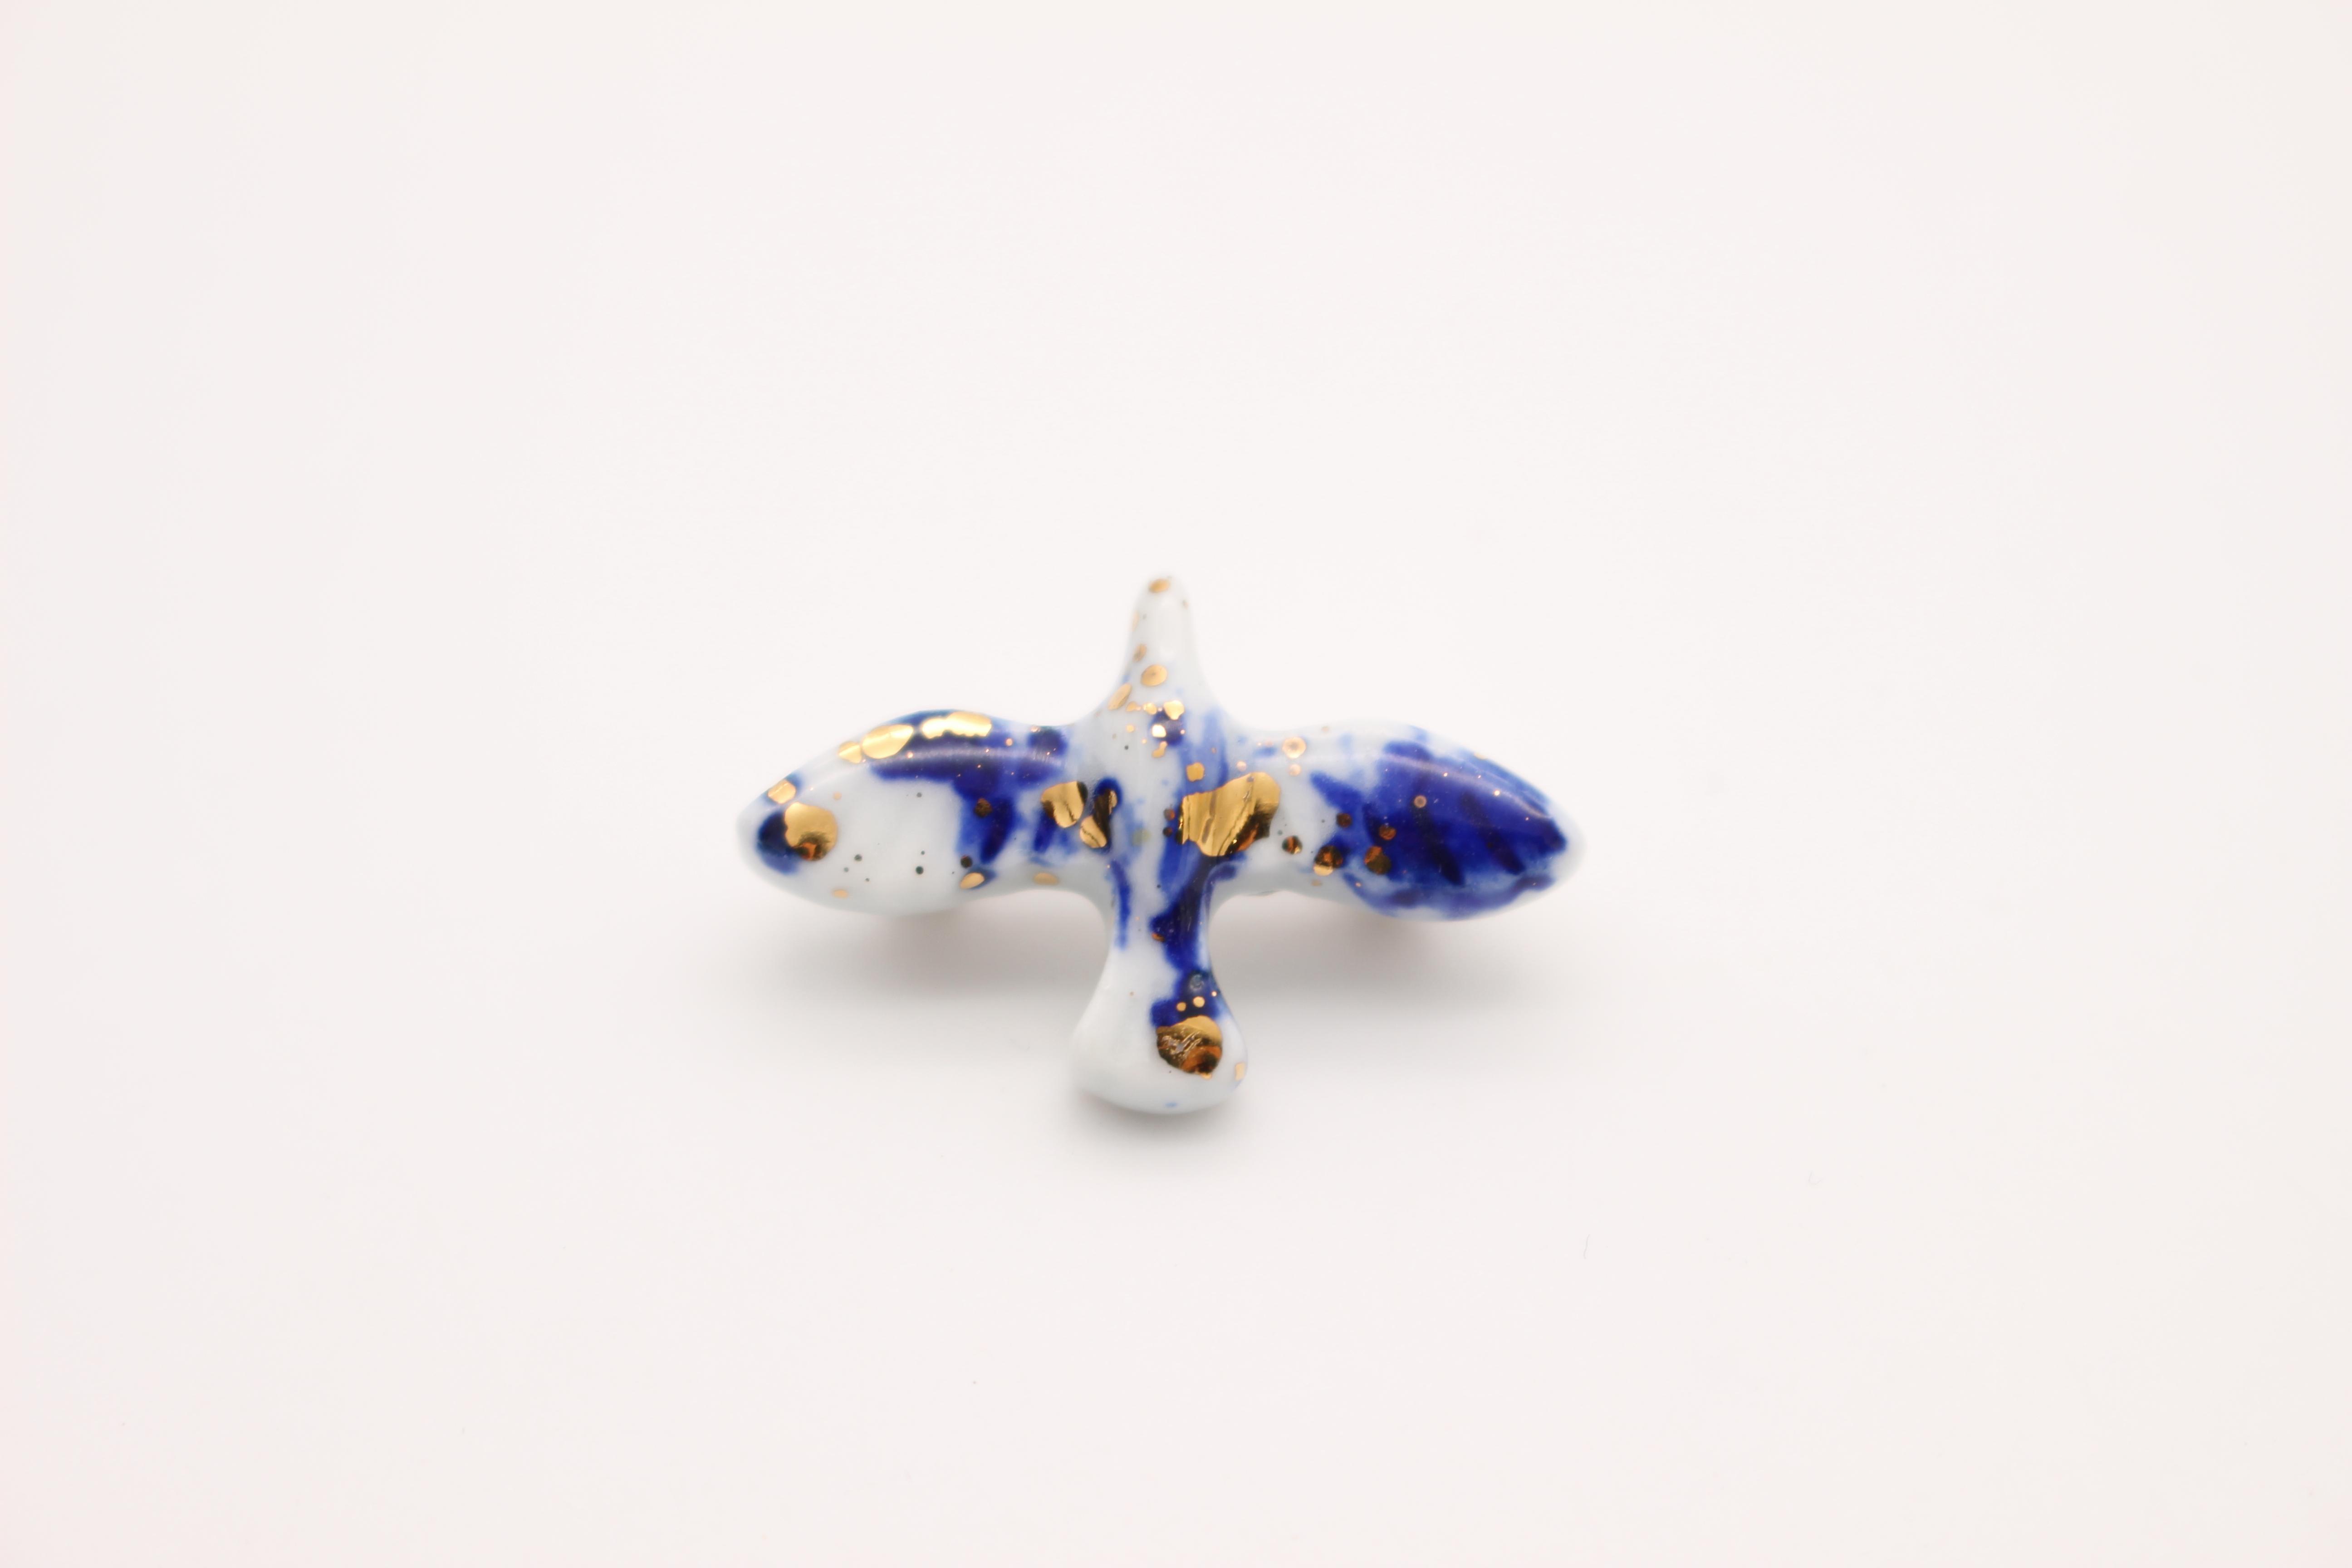 鳥ブローチ Sサイズ 呉須×ゴールド